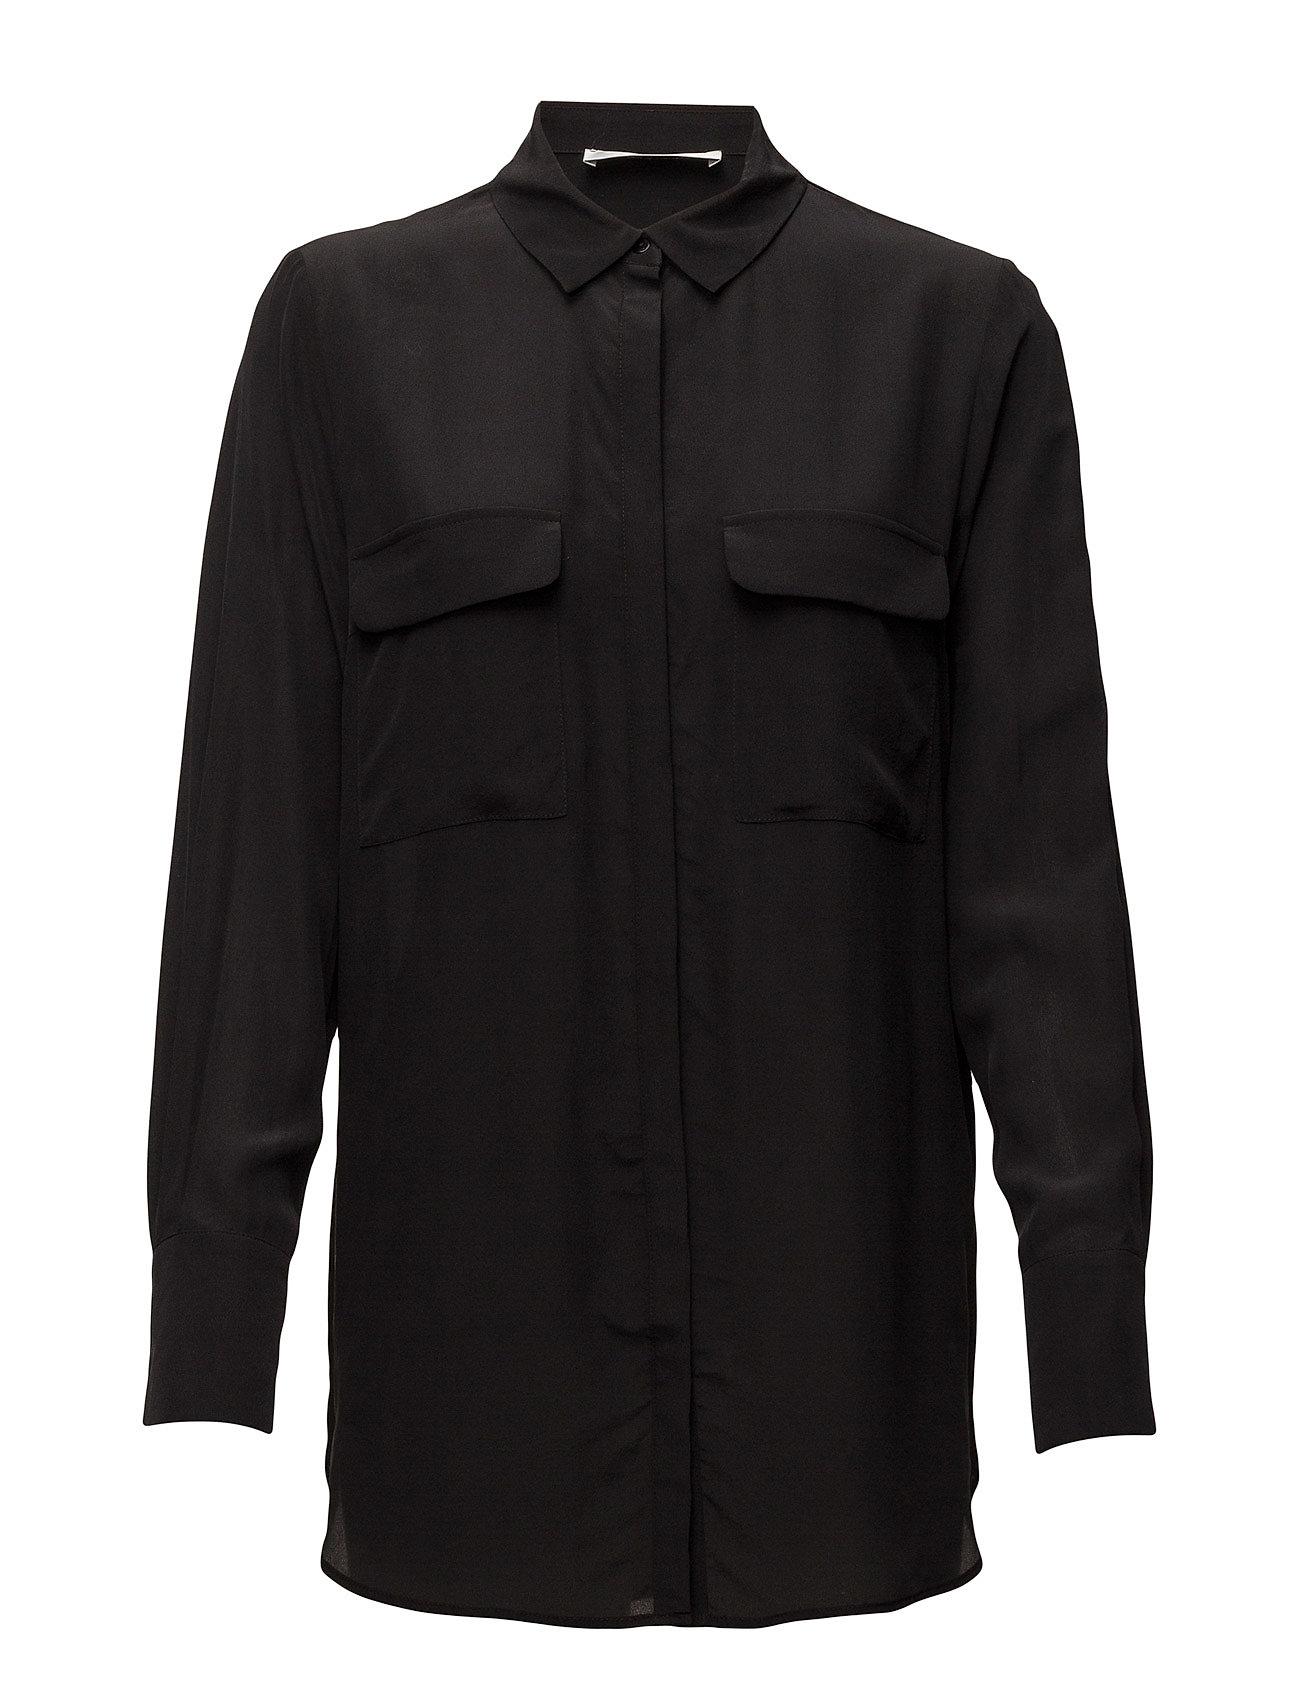 Gestuz Vega shirt